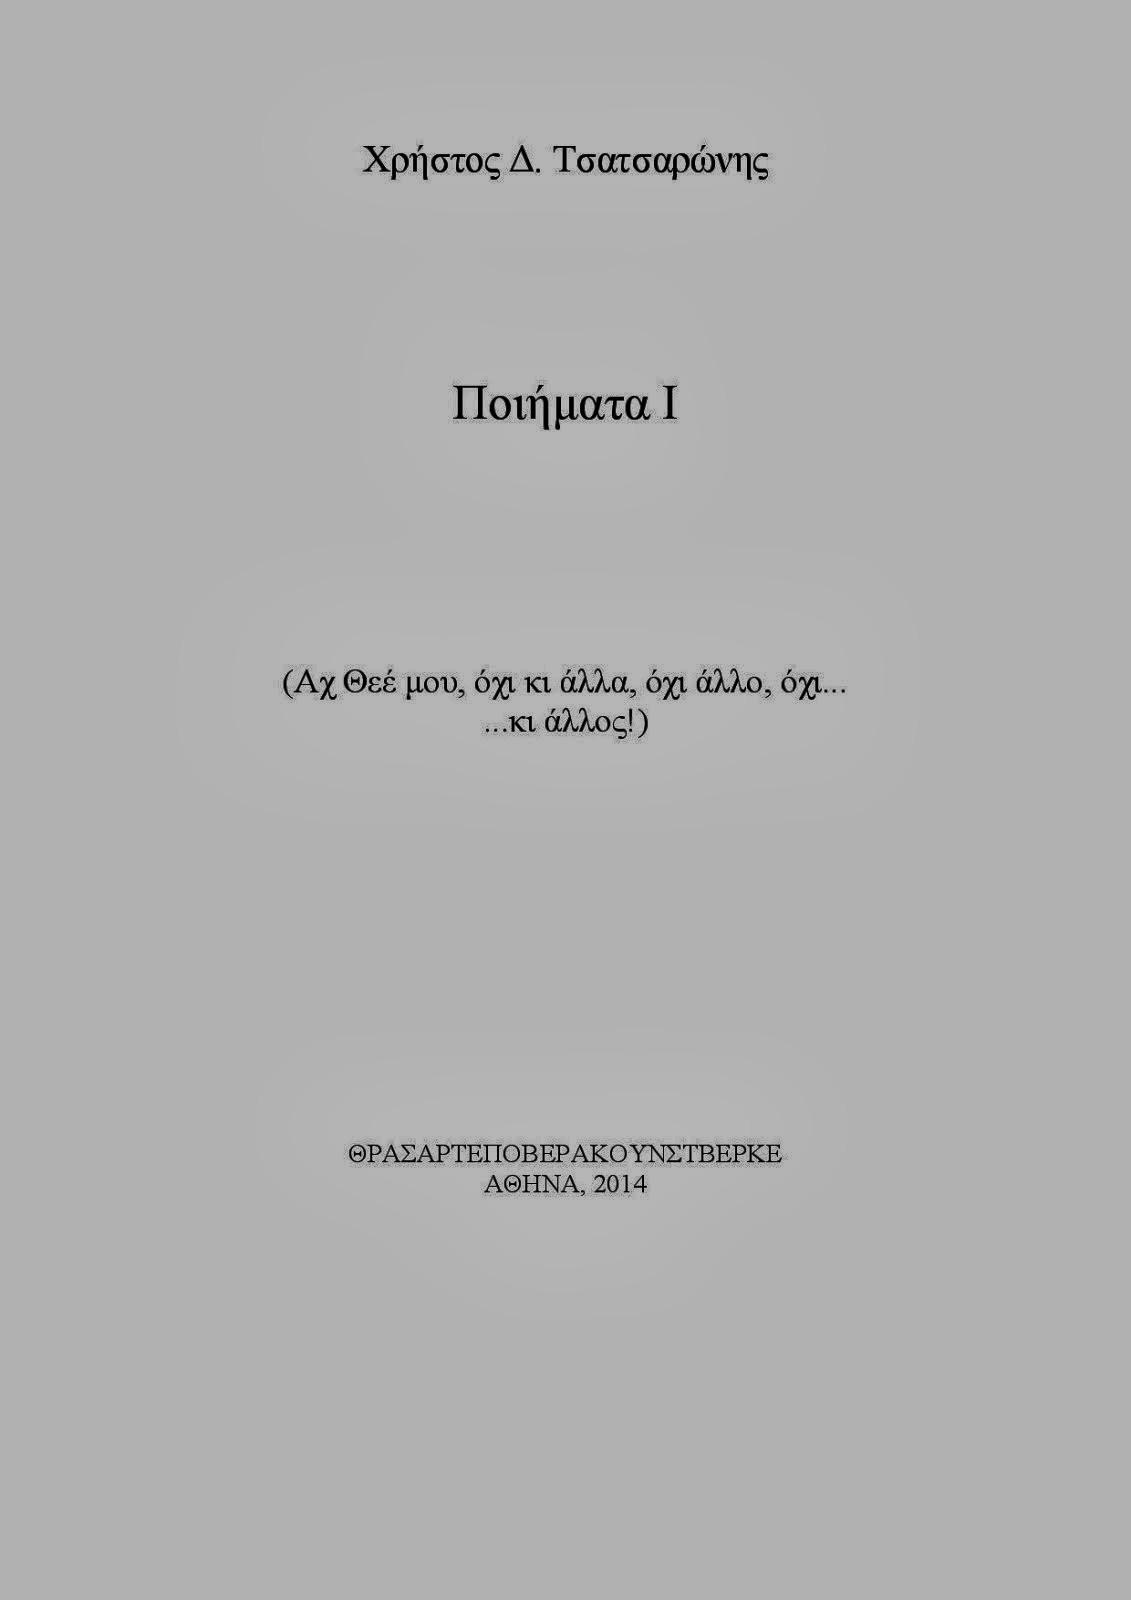 Ποιήματα Ι - Χ.Δ.Τ.